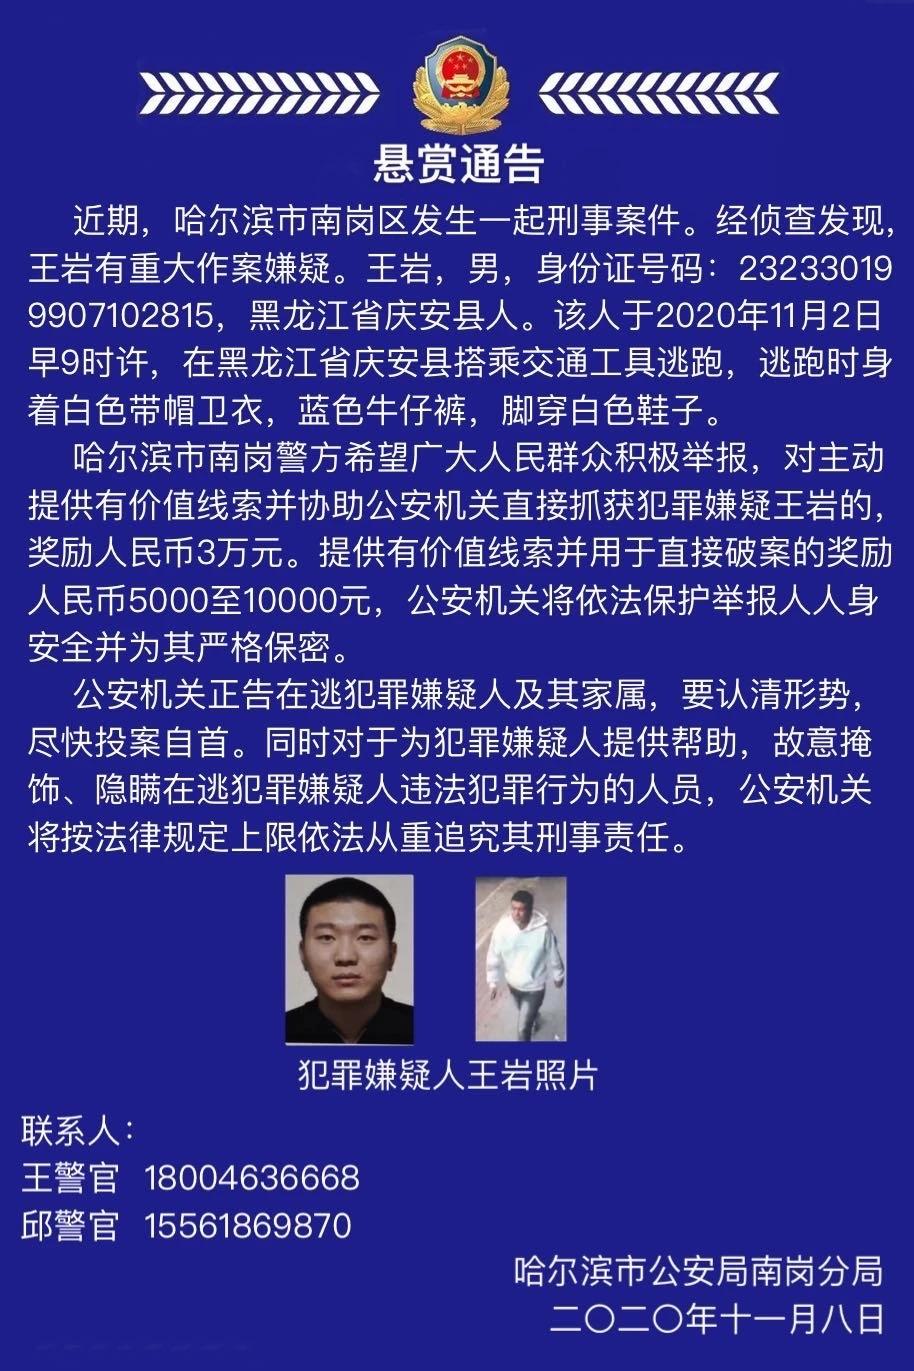 此人在哈尔滨涉刑事案件!见到速报警!图片